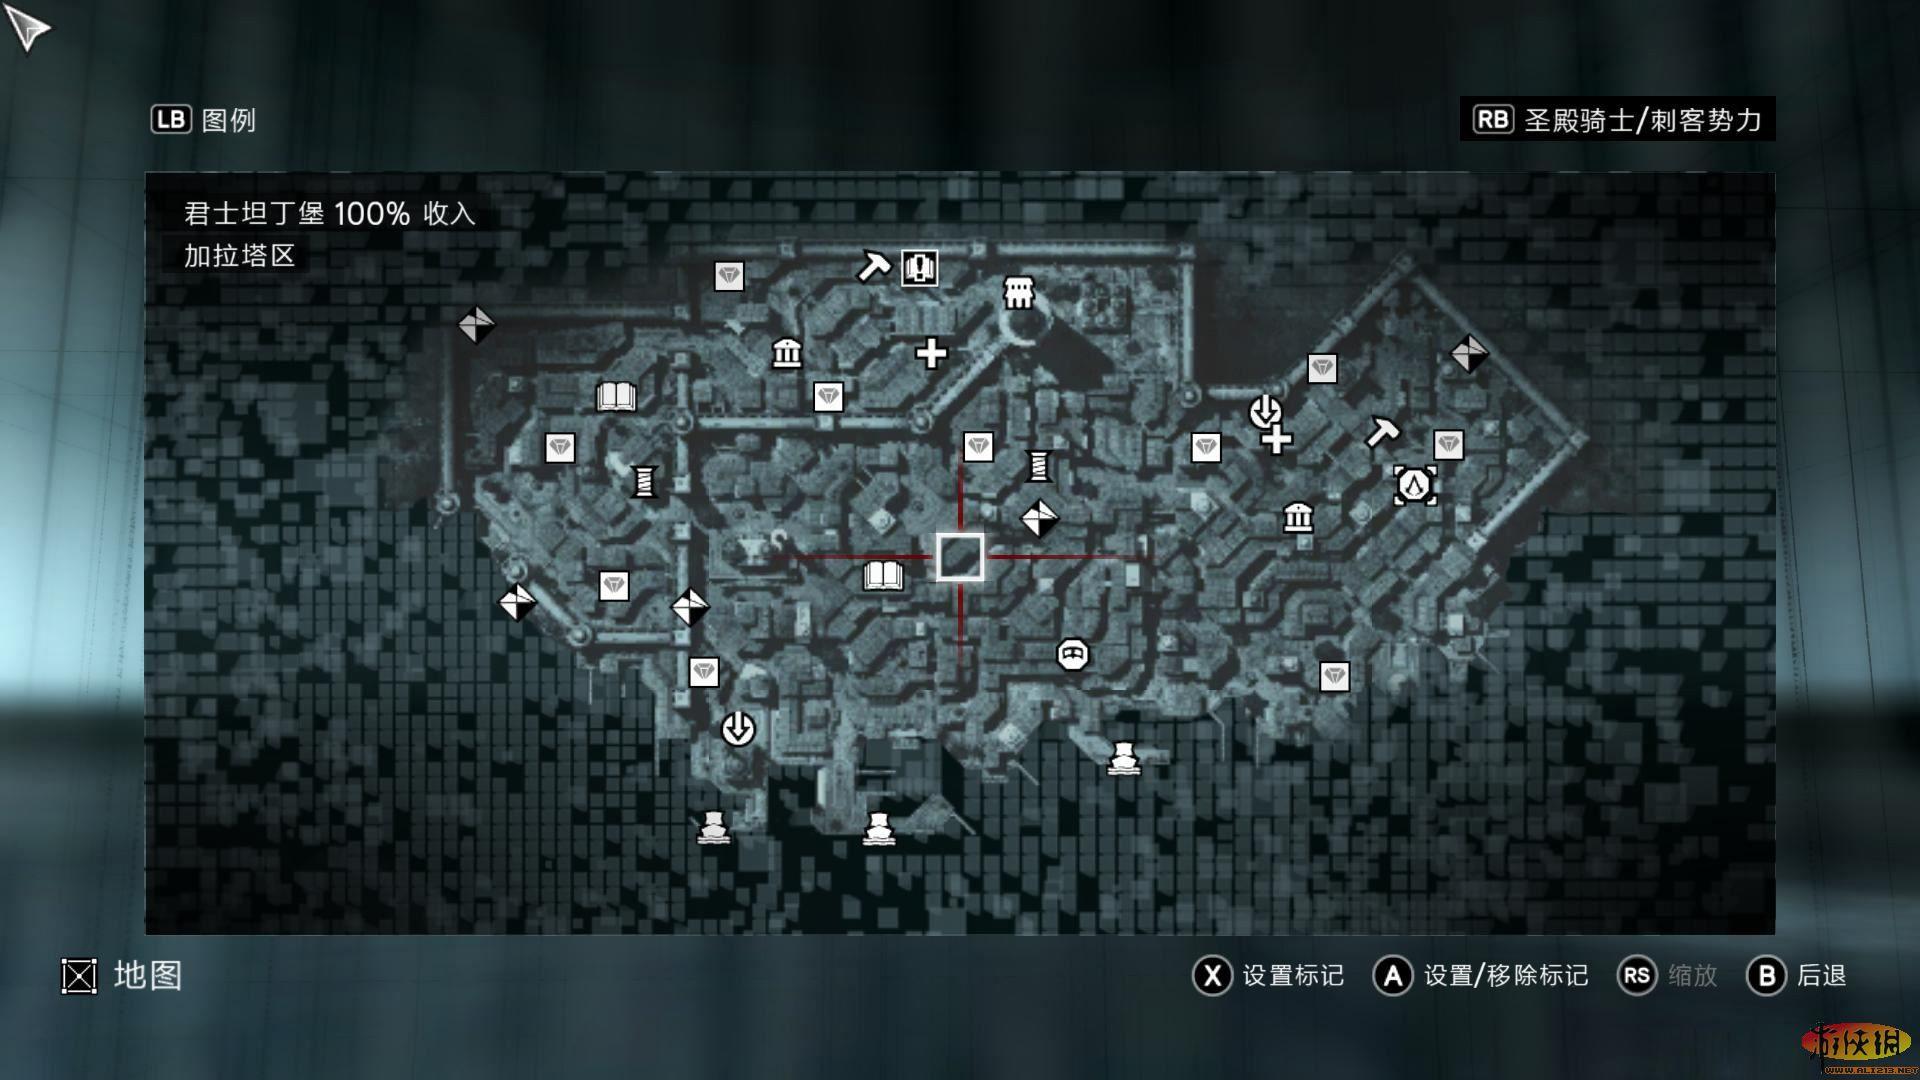 游戏就会自动在地图上标出剩余的50个记忆碎片位置了